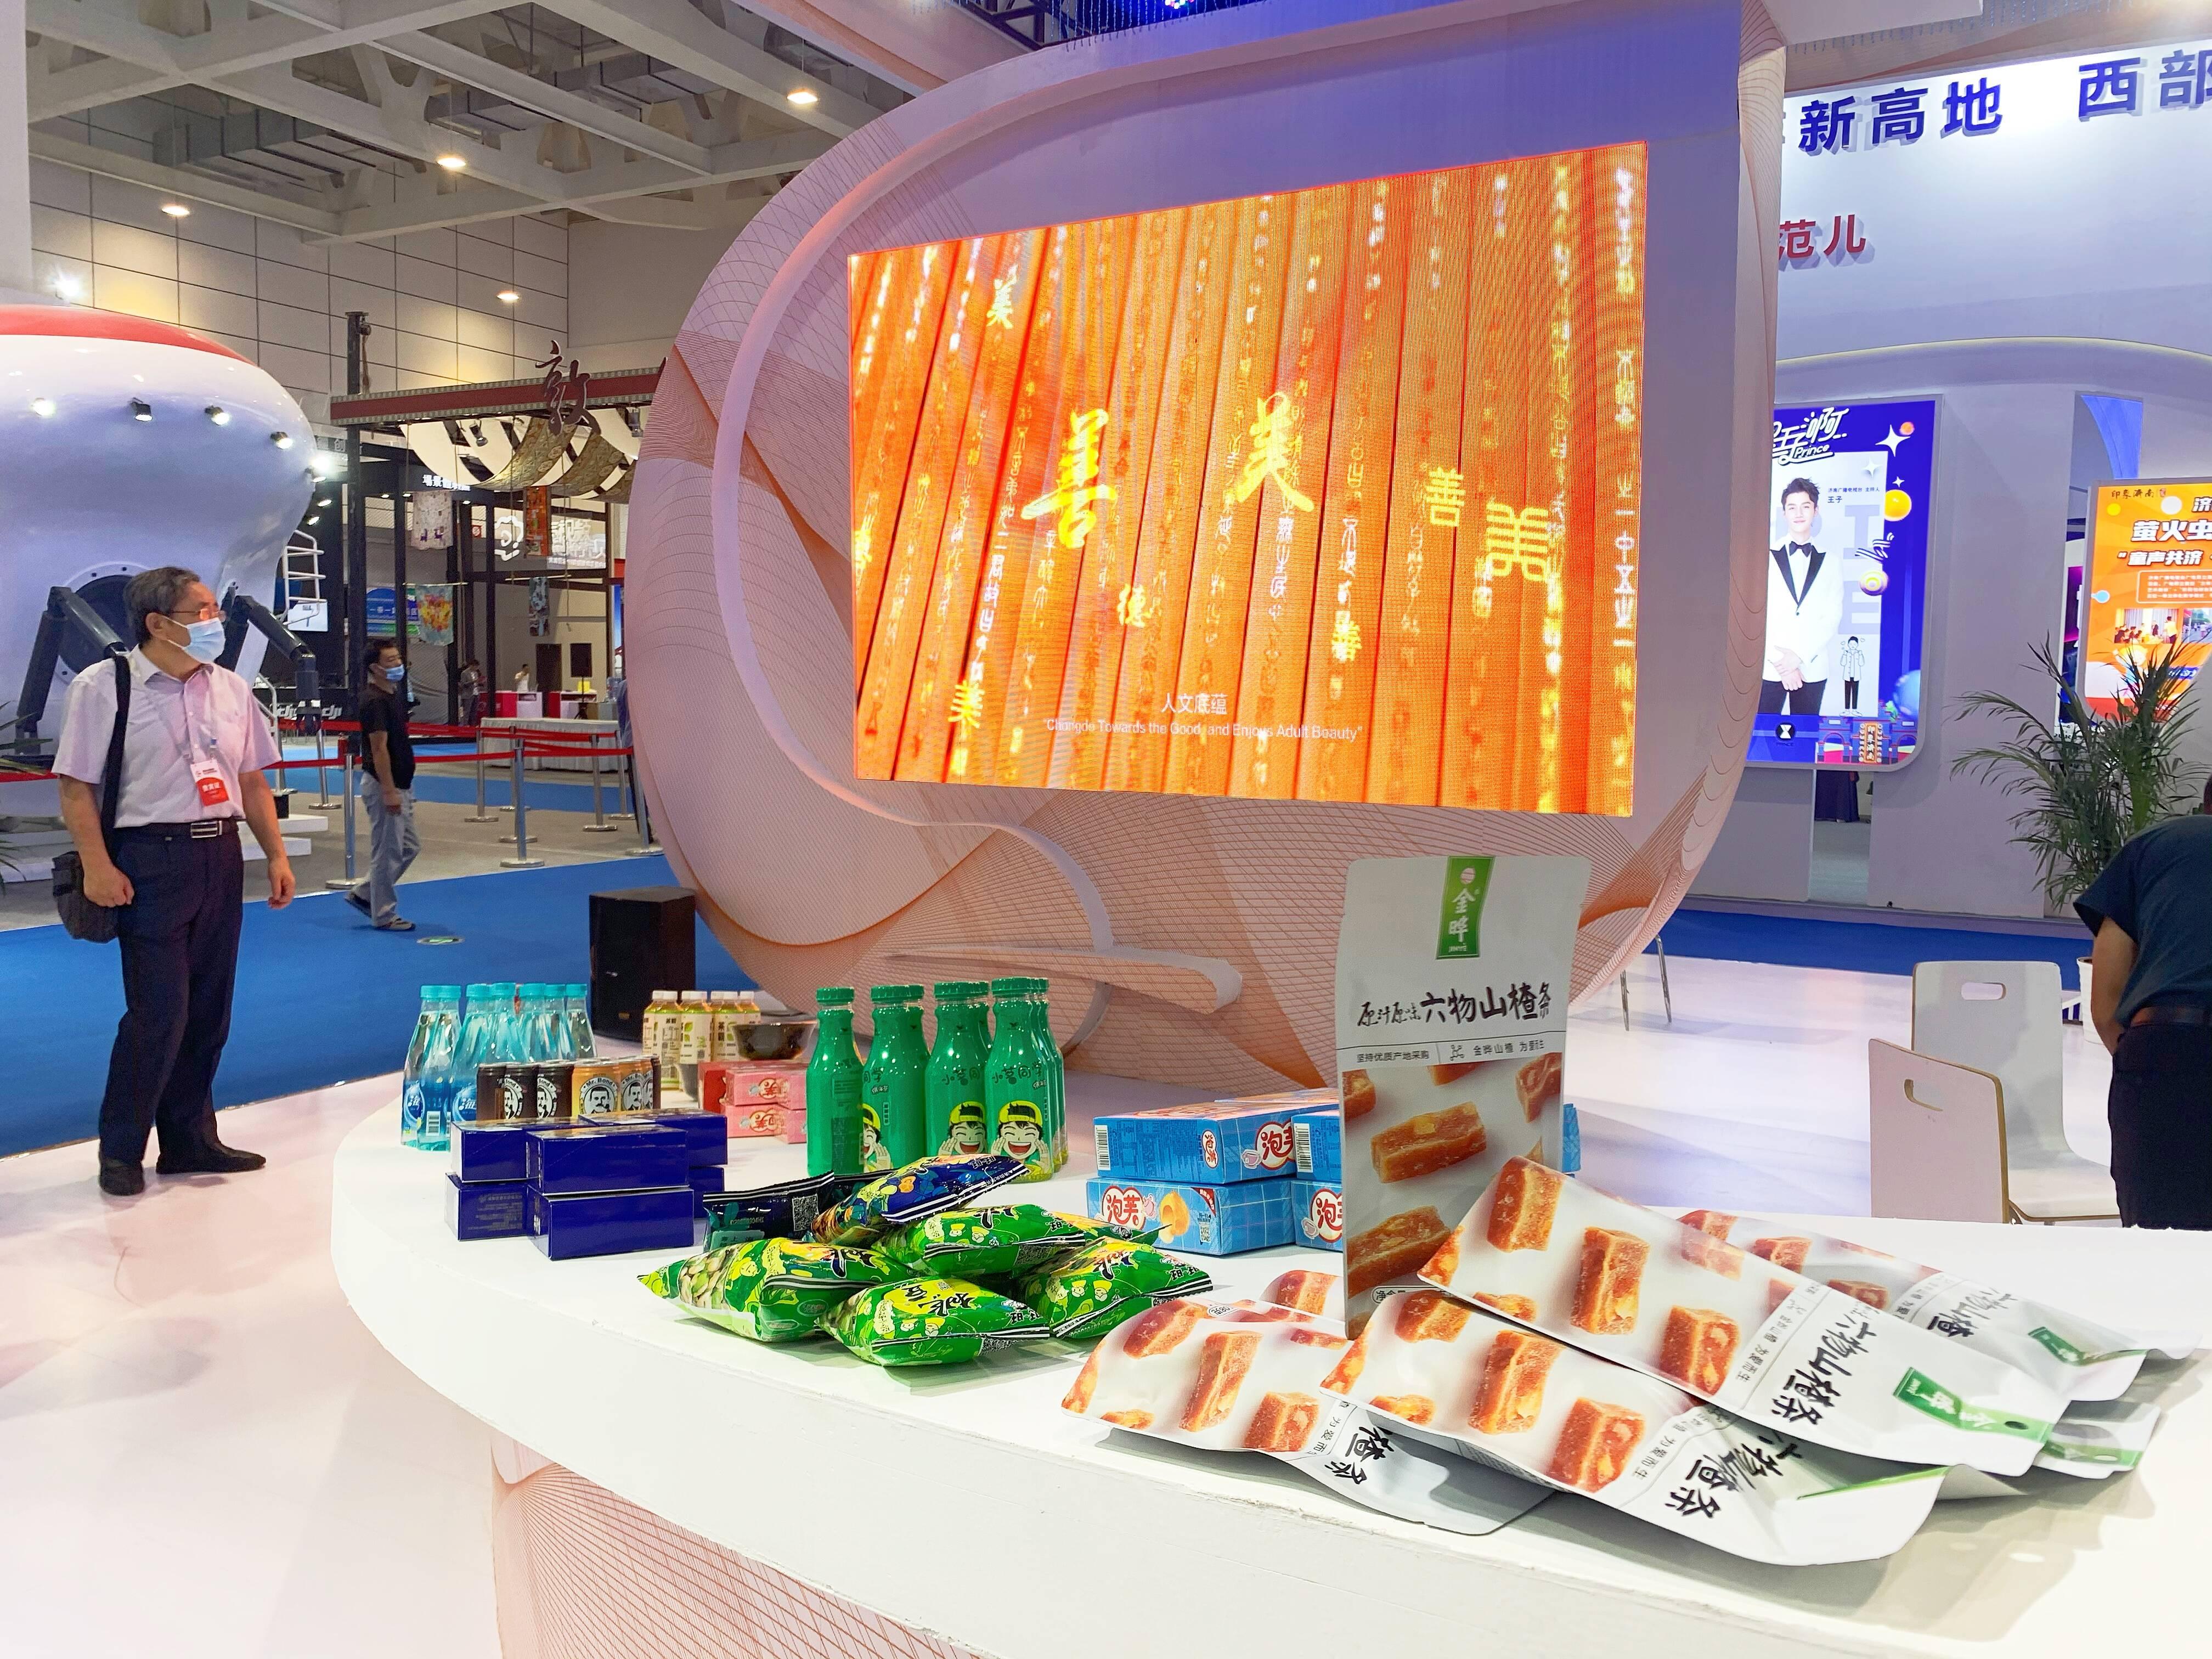 @零食爱好者 快来文旅博览会济南济阳区展区!各种美味零食满足你的味蕾